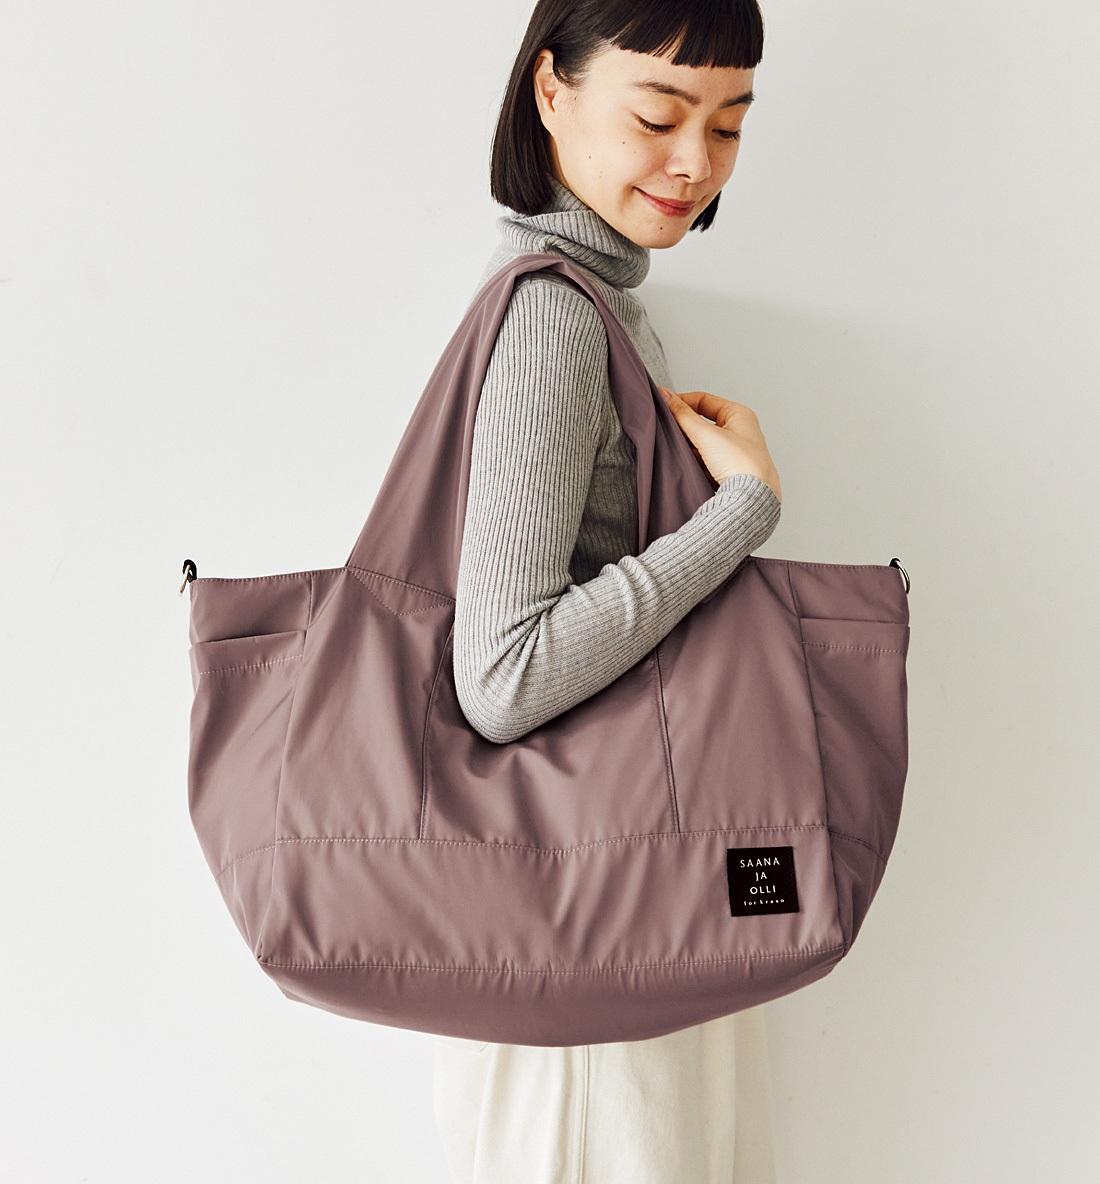 Kraso[クラソ] SAANA JA OLLI サーナ ヤ オッリ やわらか&軽い生地でからだにフィット 7つポケットの大きな2-WAYバッグの会